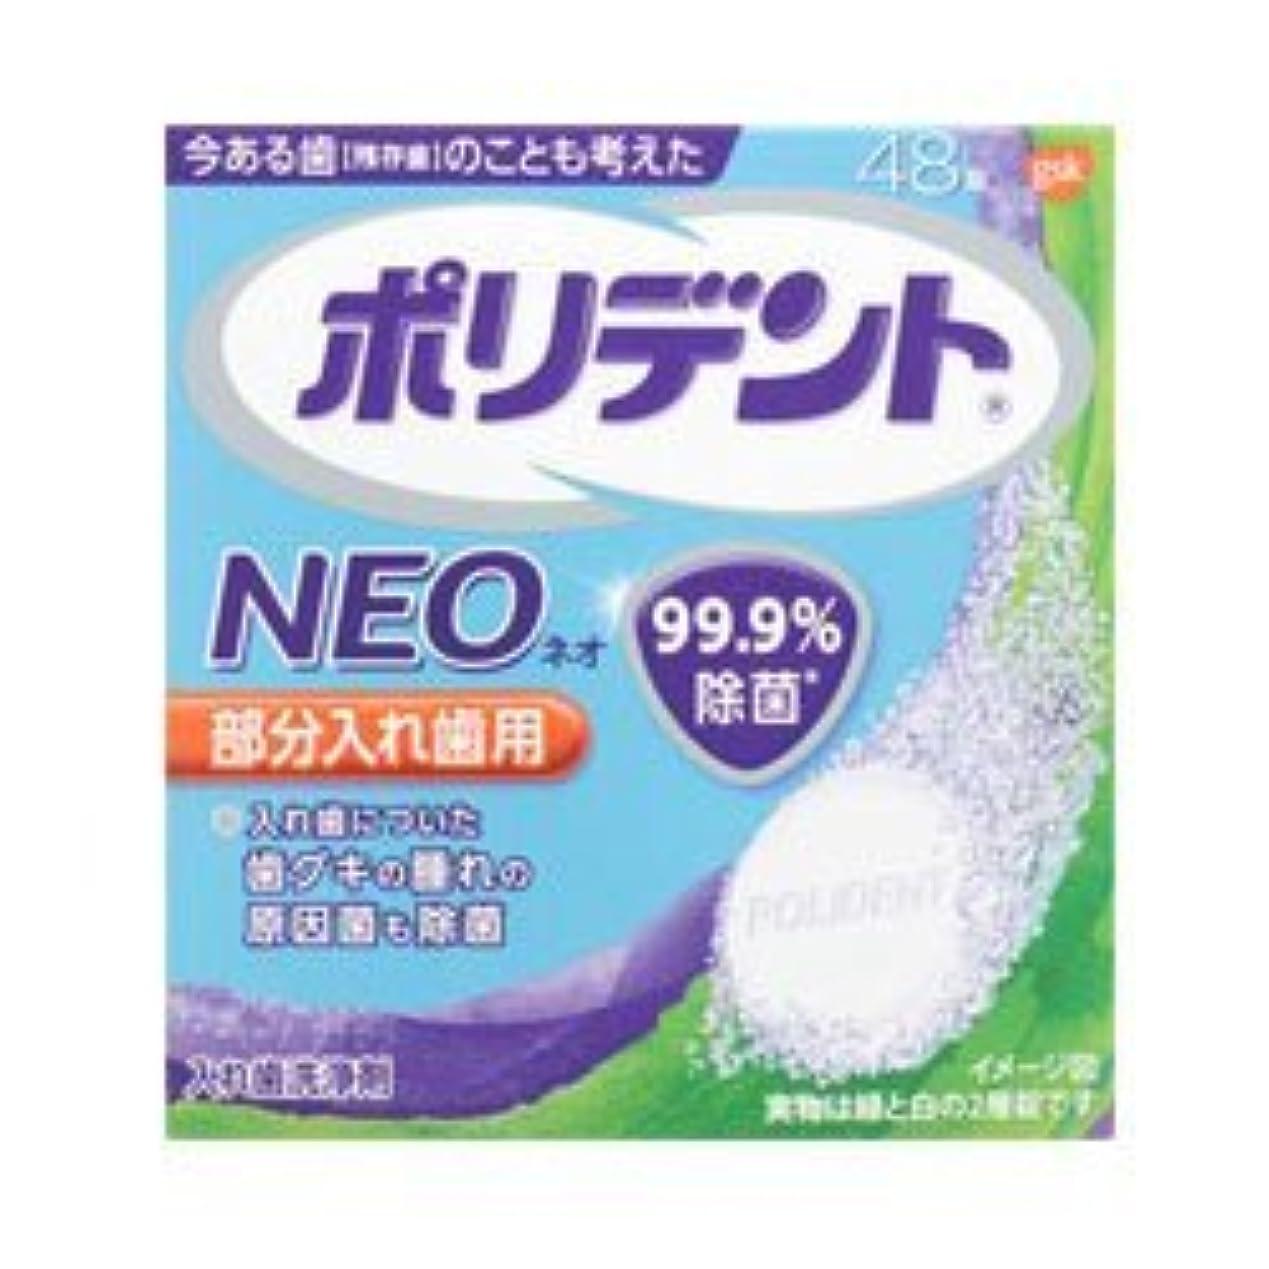 結晶うるさい爆発物【アース製薬】ポリデントNEO 入れ歯洗浄剤 48錠 ×5個セット